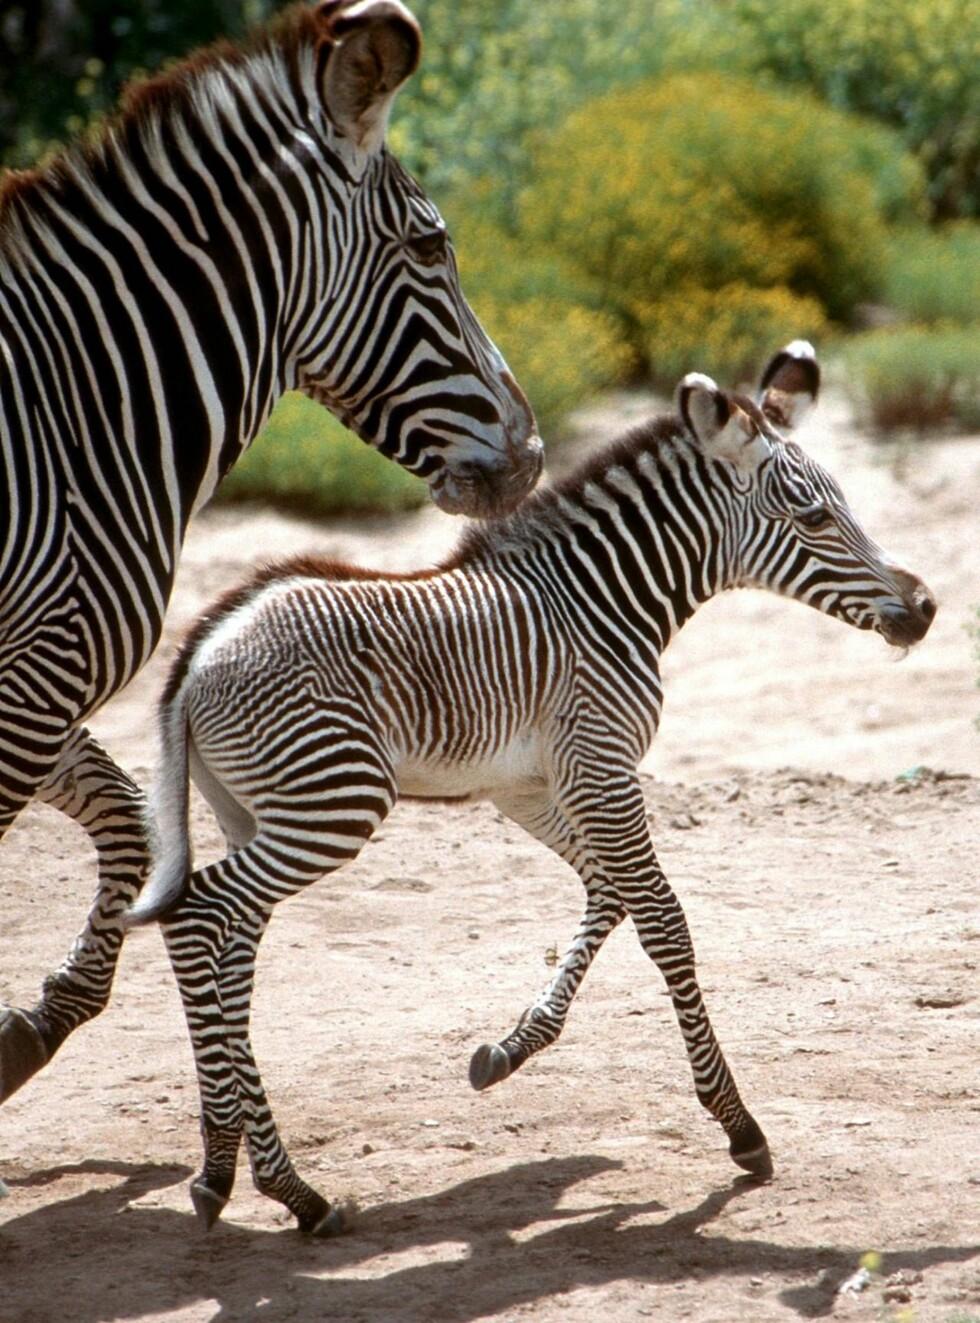 SØT SKAPNING: Er du slem mot denne stripete tassen, får du dyrevernere på nakken! Foto: All Over Press